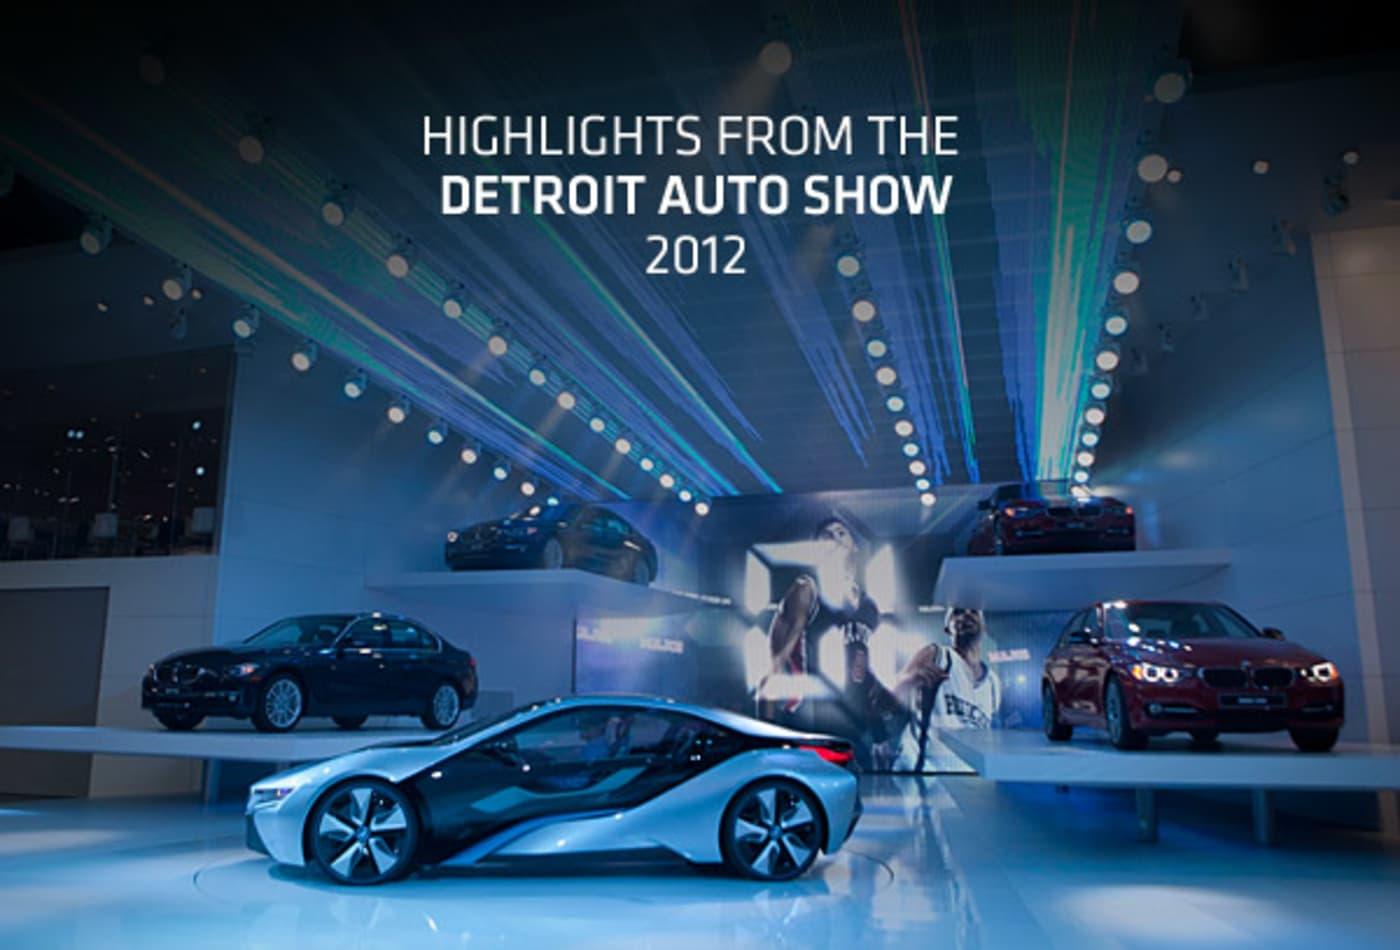 Detroit-auto-show1-2012-cover1.jpg